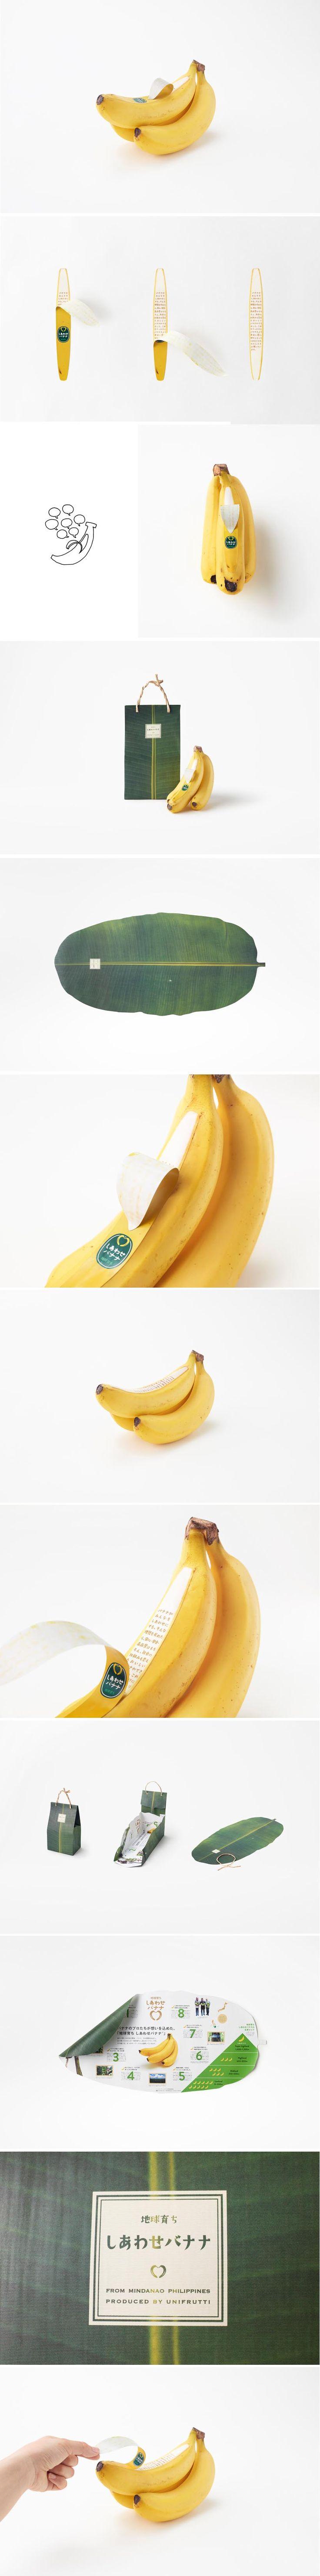 食物 香蕉 貼紙 紙袋